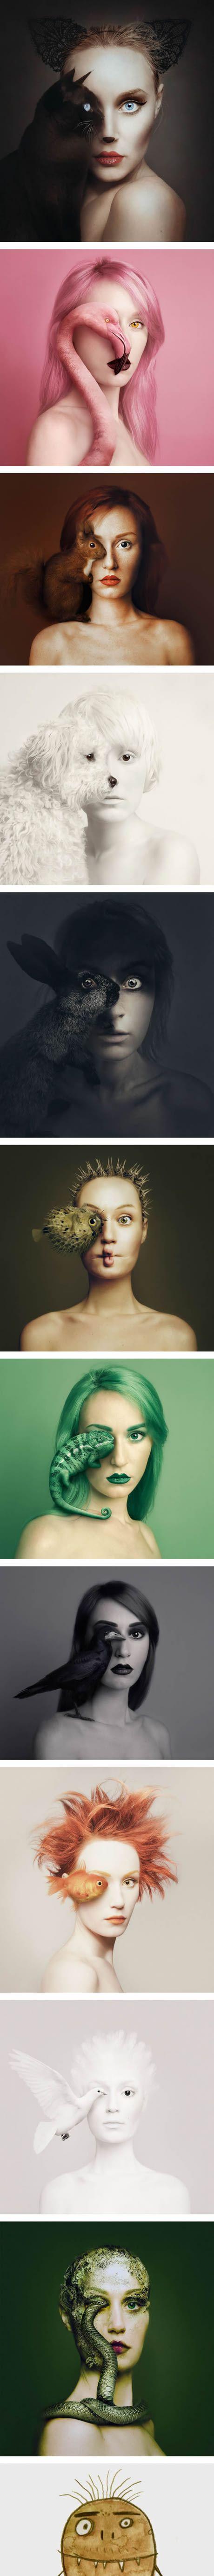 """Flora Borsi macht Selbstporträts mit den Augen der Tiere in ihrer Serie """"Animeyed"""""""